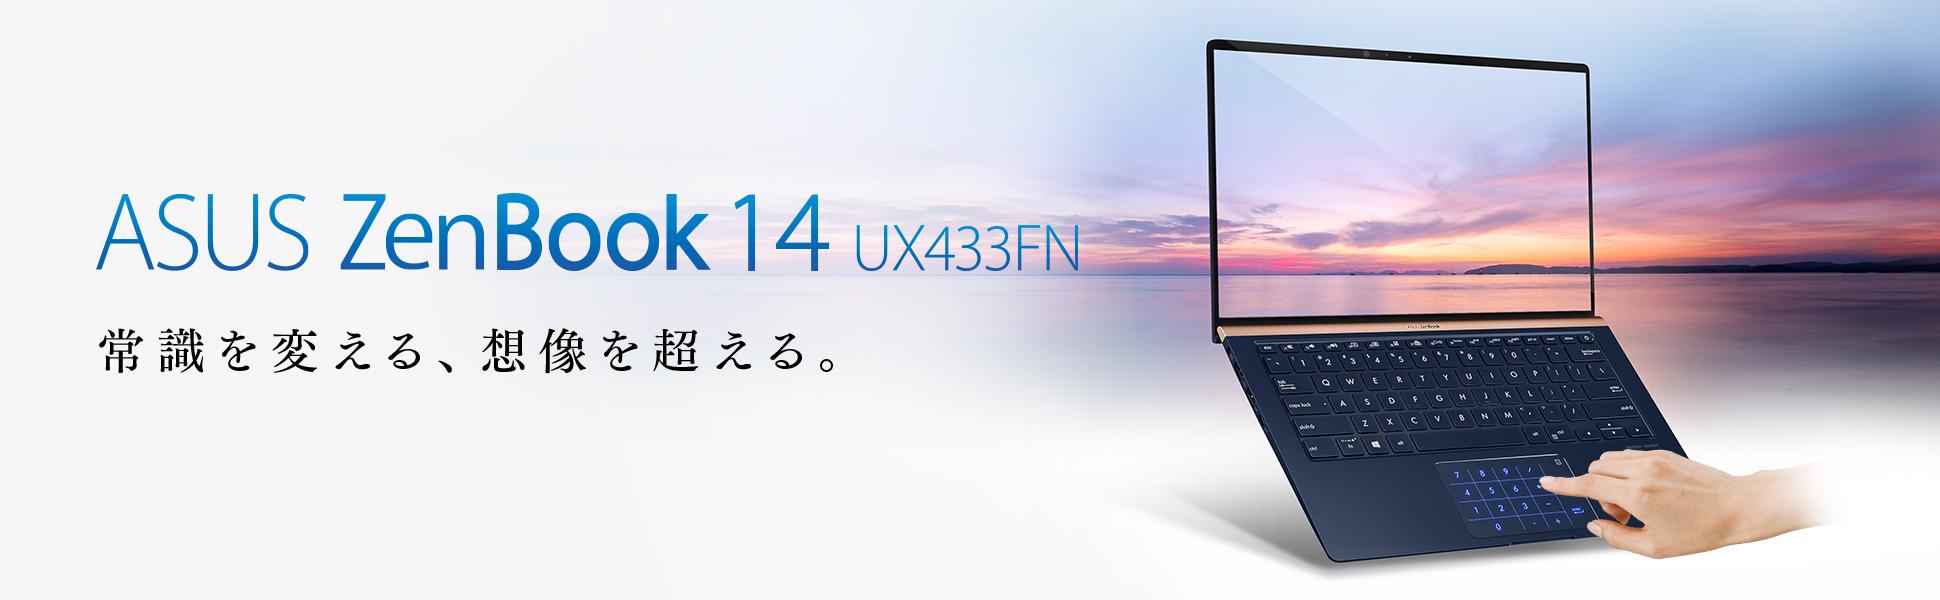 UX433FN